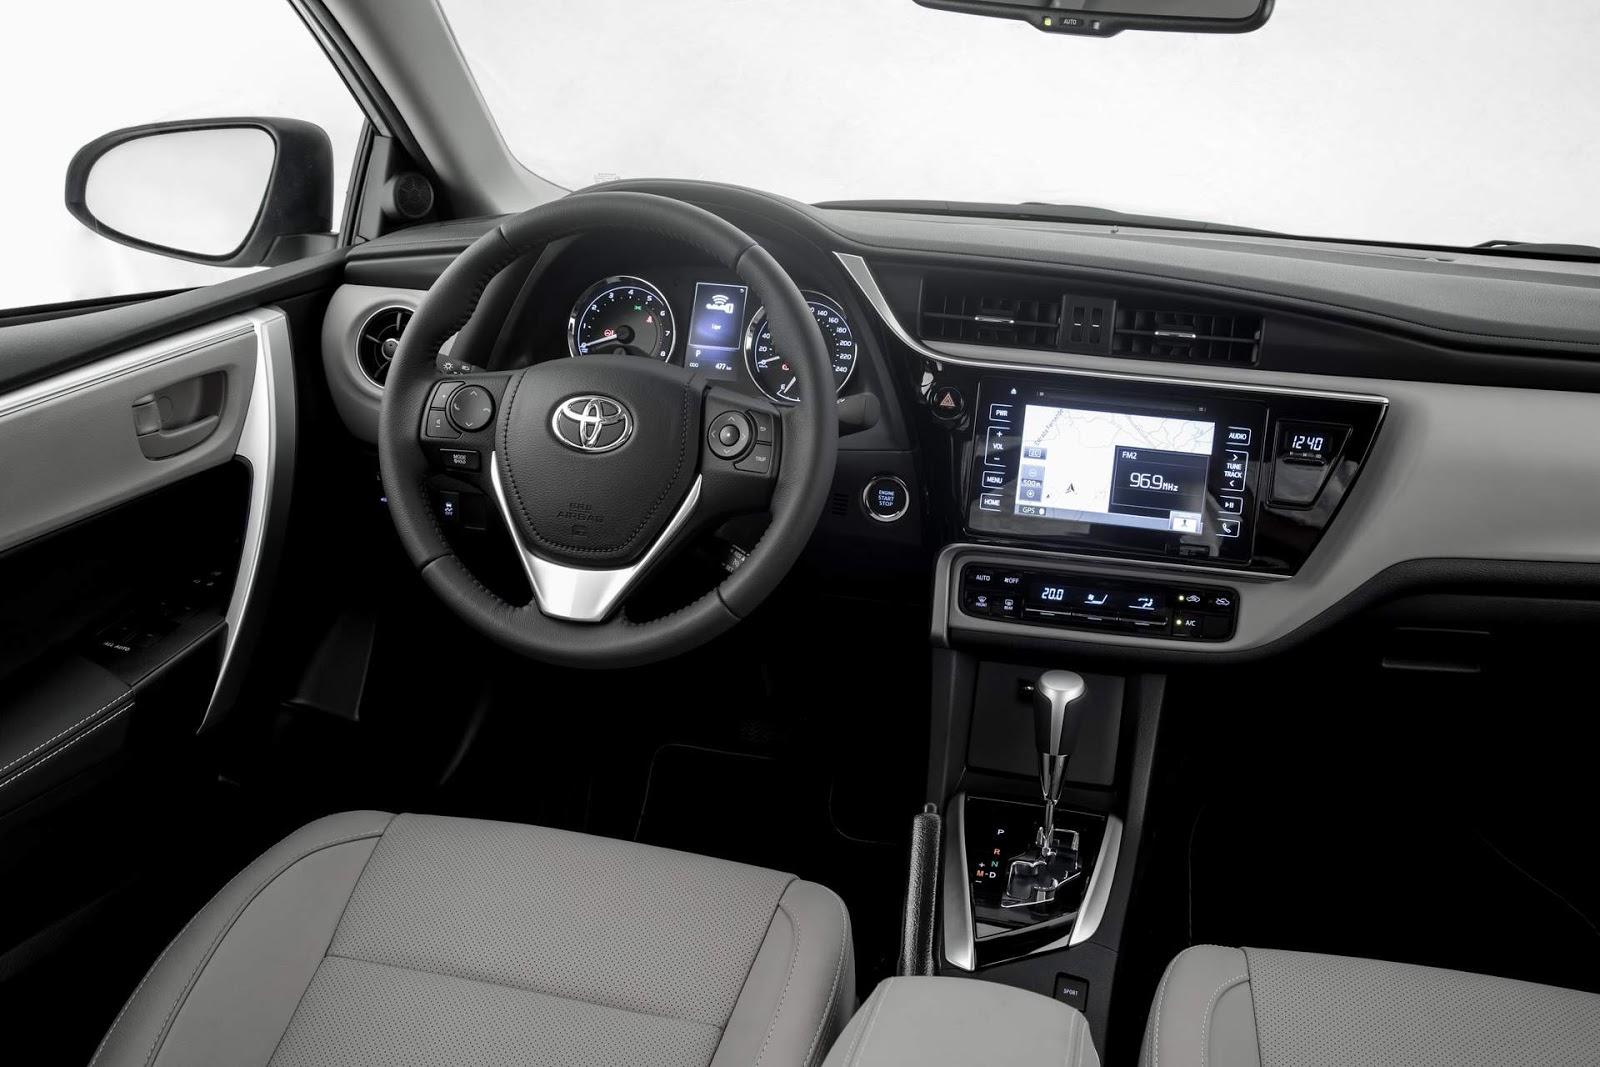 All New Corolla Altis Vs Civic Camry Singapore Toyota 2018 Vídeo Preços Consumo Detalhes